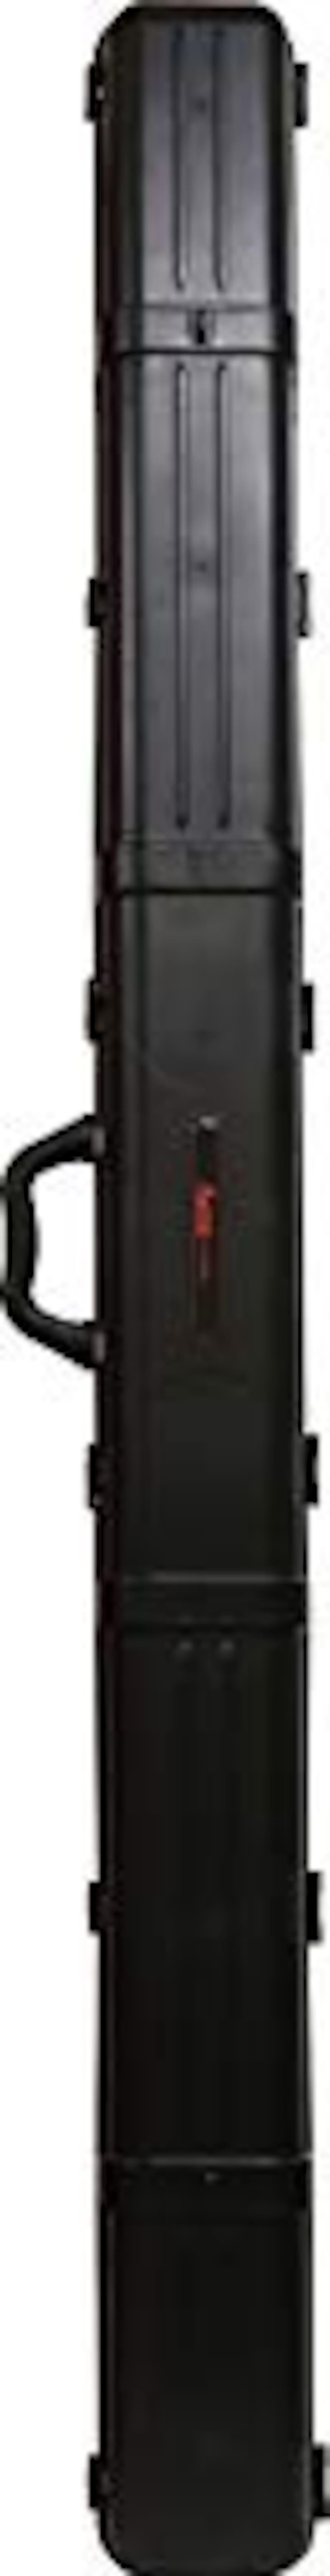 タカ産業,ロッドケース 165cm ブラック,G-0053